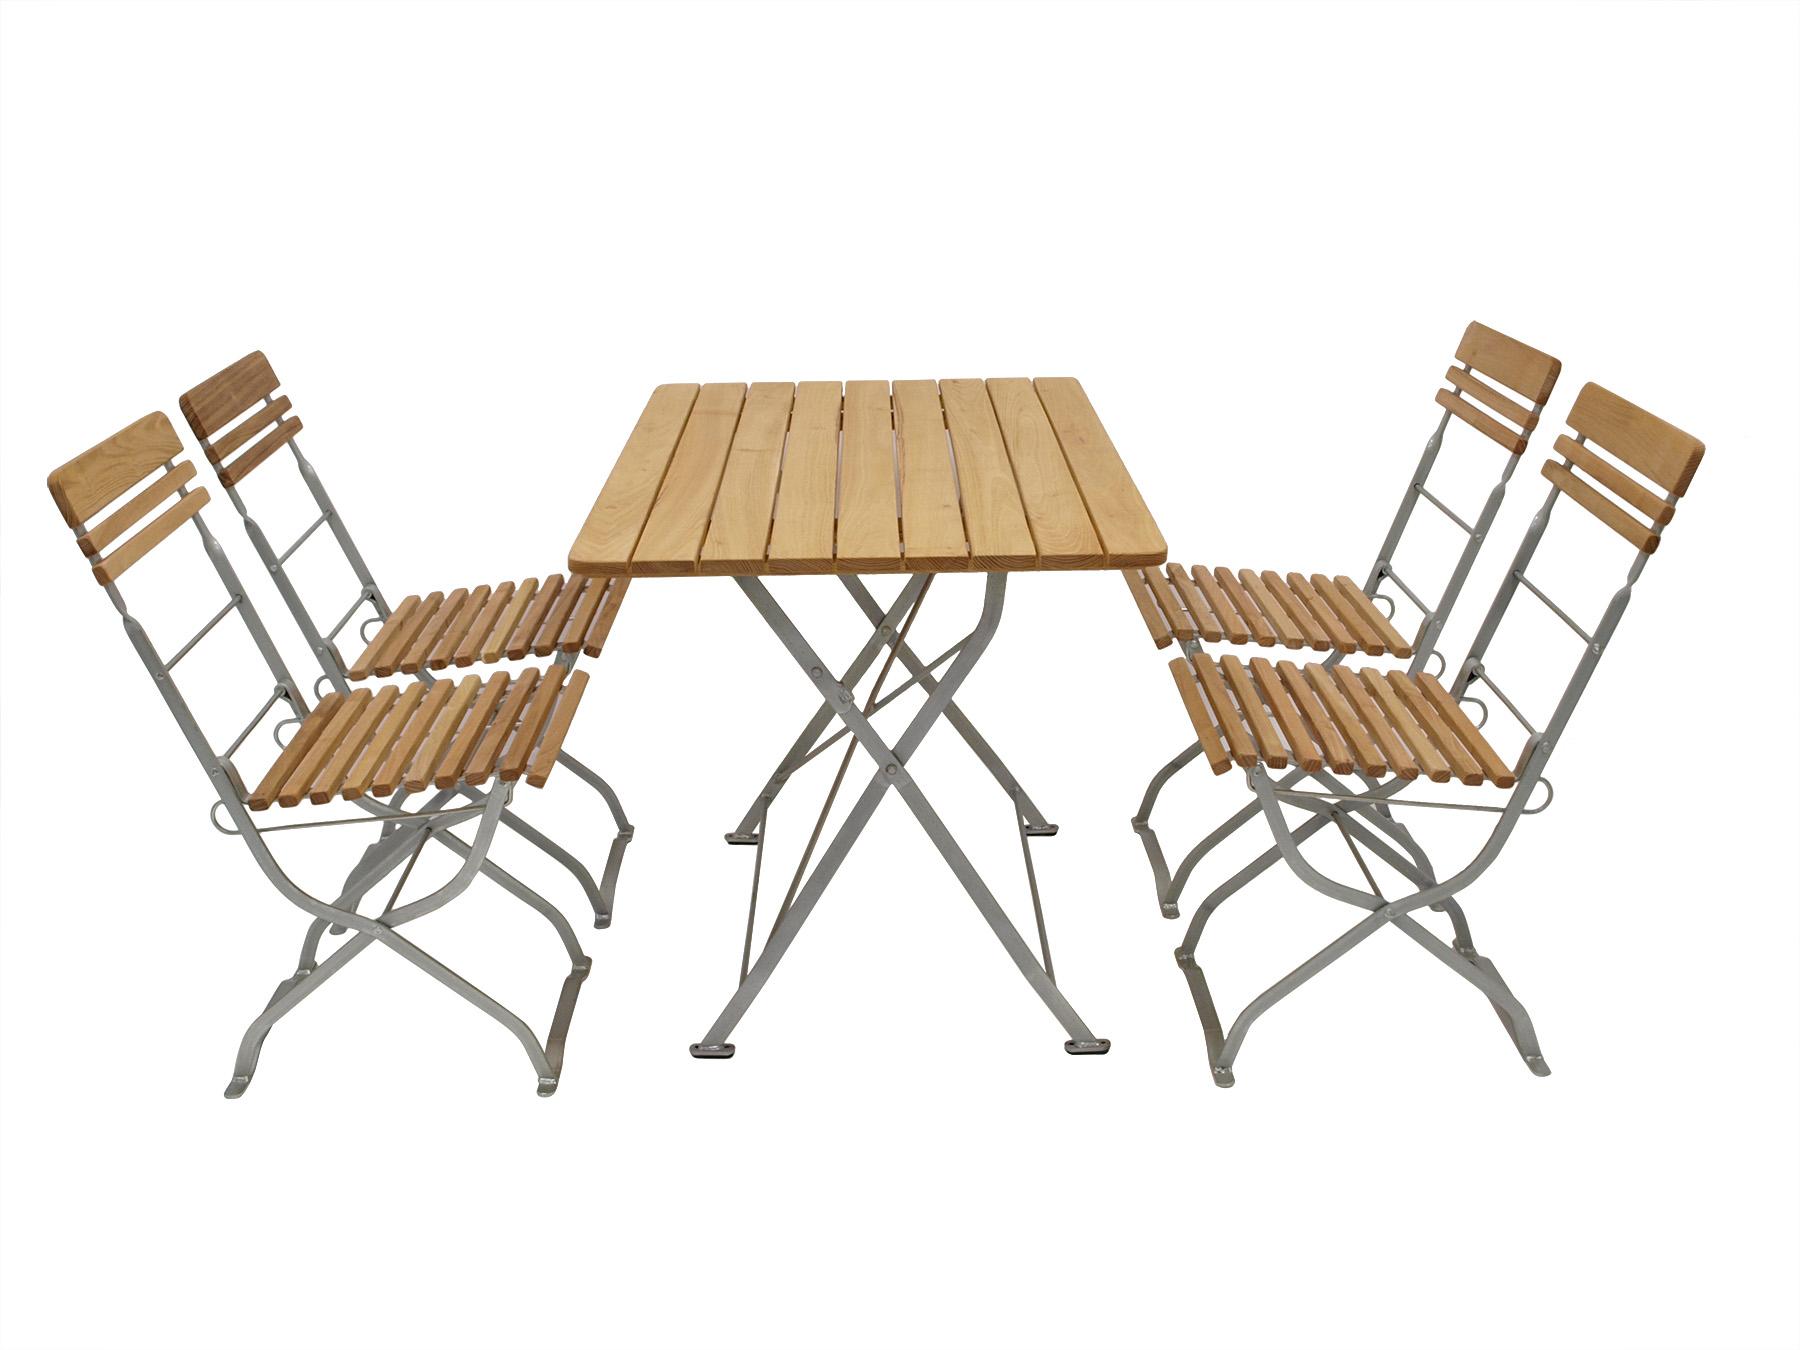 Biergarten - Garnitur MÜNCHEN 5-teilig, Flachstahl verzinkt + Robinie